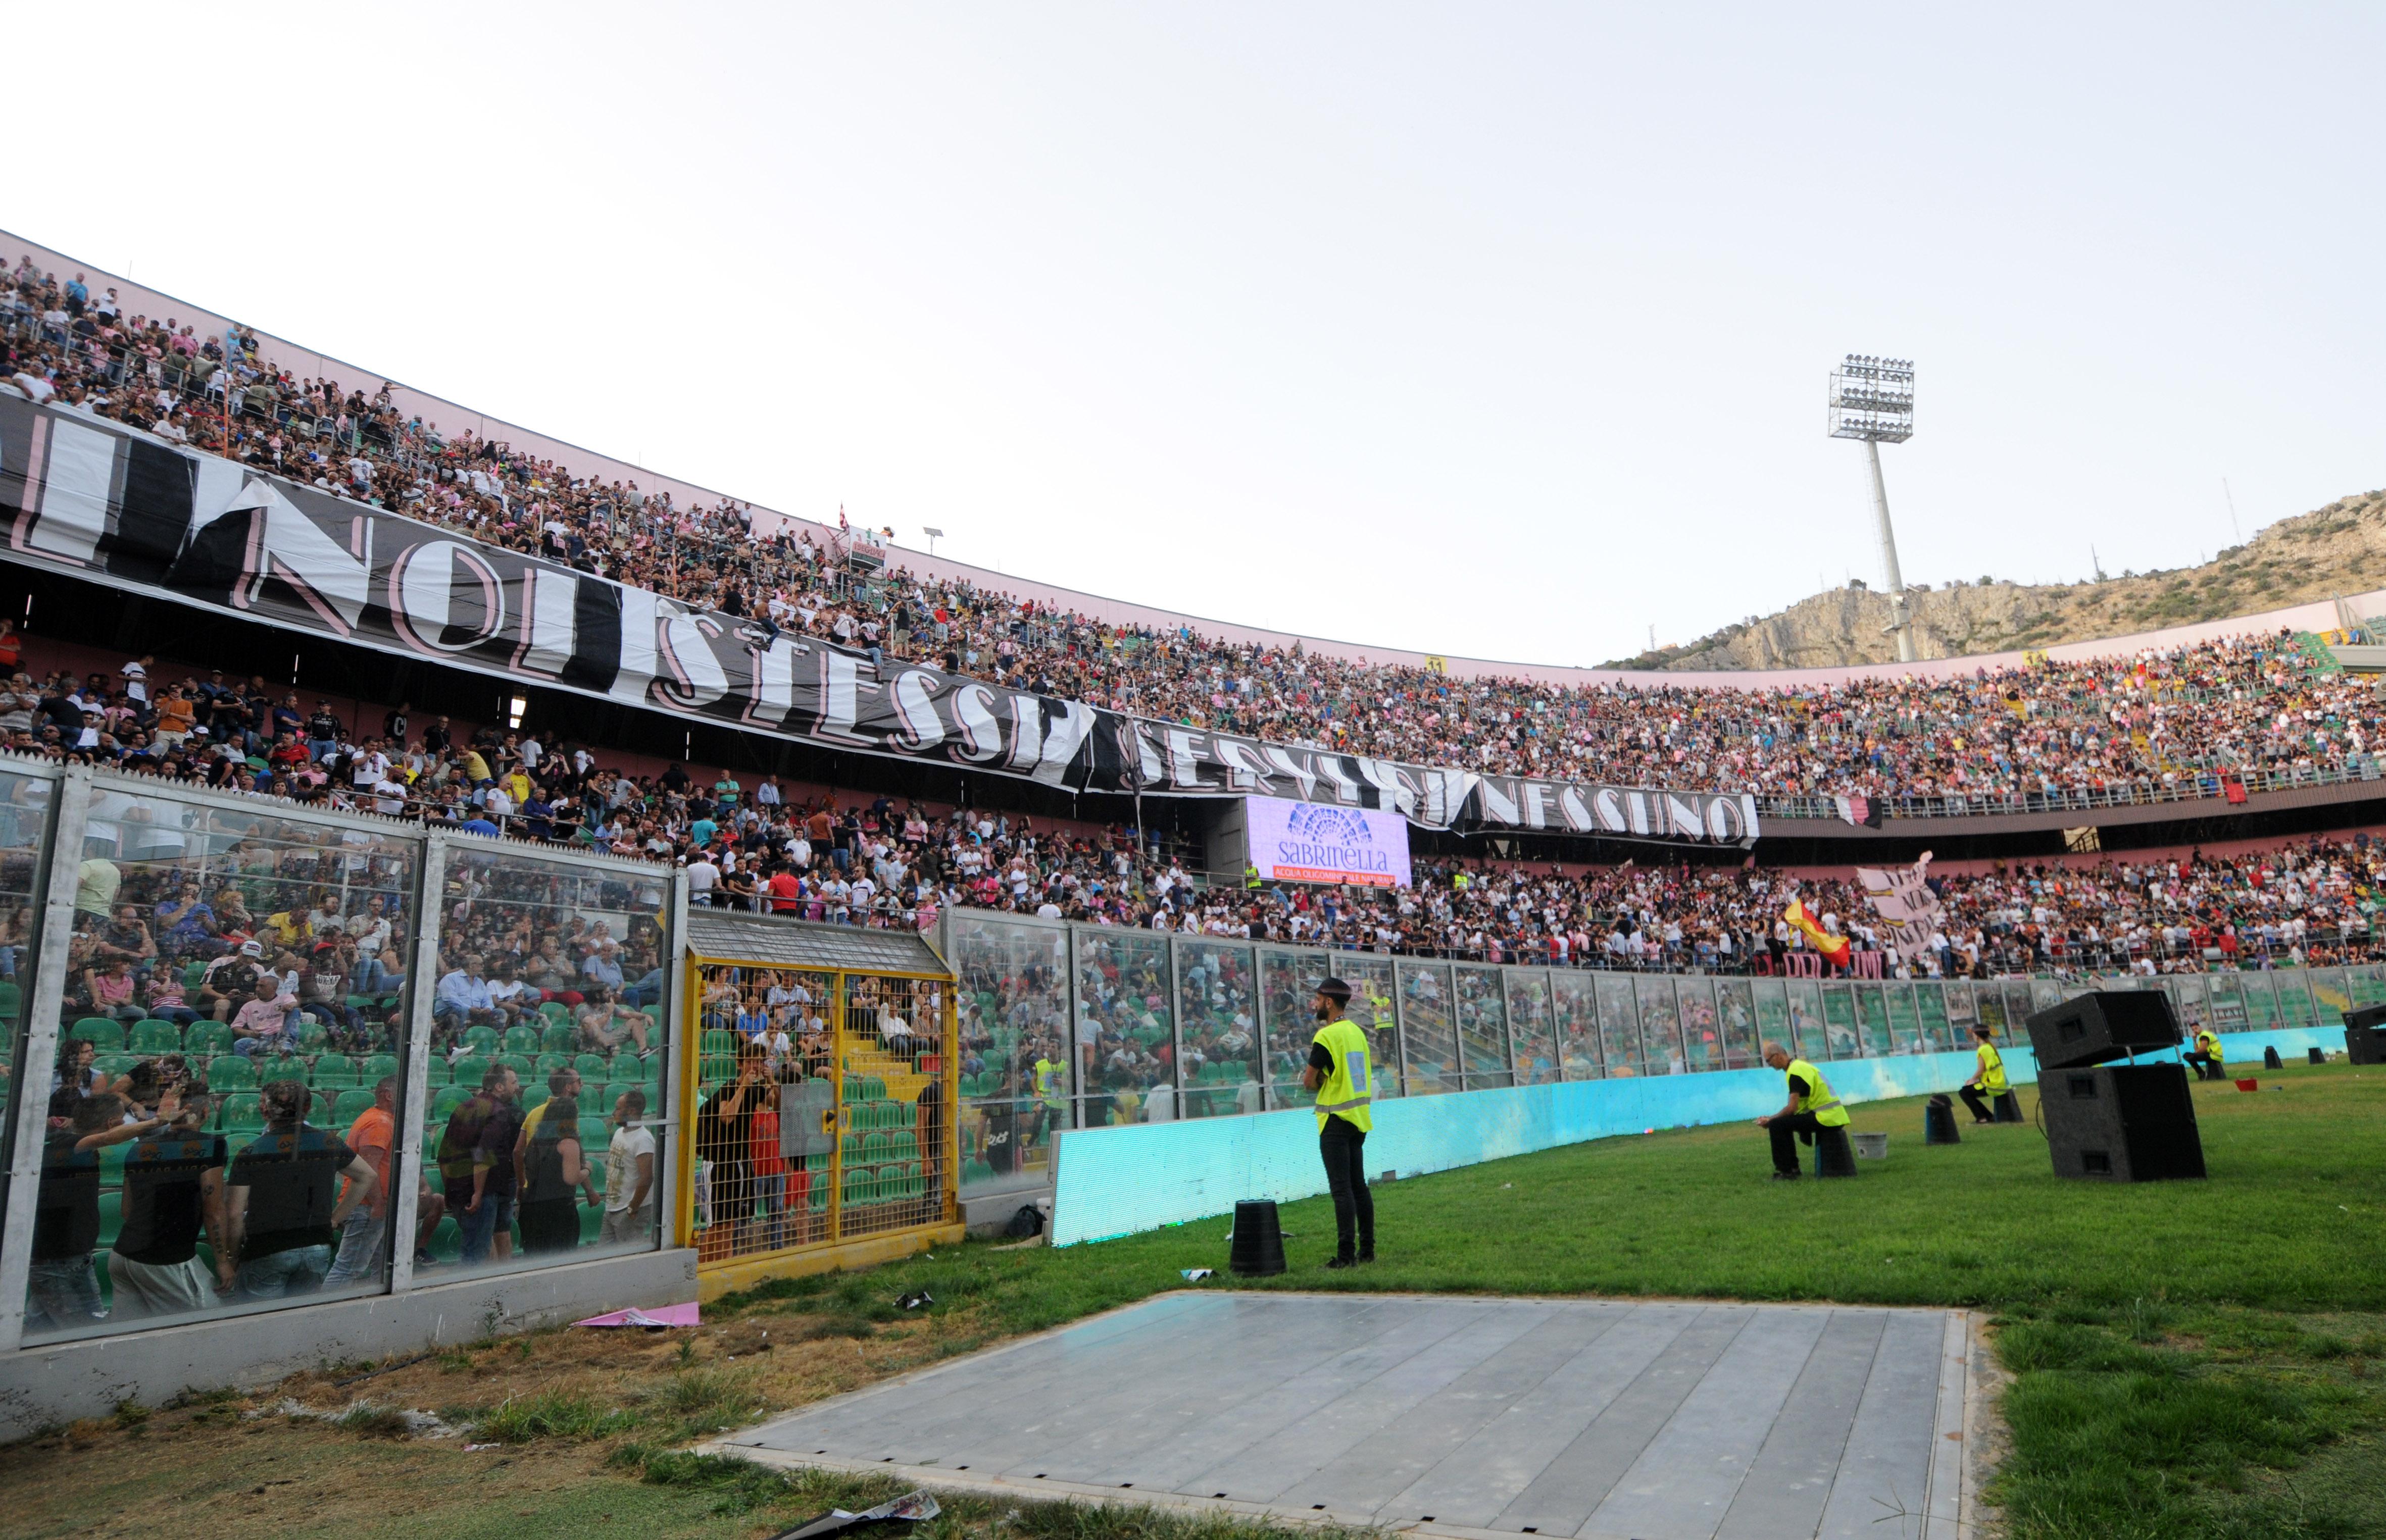 """""""Assalto"""" ai botteghini. Il Palermo calcio comunica le info di vendita dei biglietti di Palermo – Frosinone, match d'andata delle finali playoff di Serie B. Confermati i prezzi """"stracciati"""" (2 euro in curva, 5 euro in gradinata) e l'ingresso omaggio per i 2063 abbonati. I tagliandi saranno in vendita dalle 13 di oggi (lunedì 11 giugno) epotranno essere acquistati presso le rivendite Vivaticket autorizzate(CLICCA QUI), su Internet (solo a tariffa intera) e presso gli Store Ufficiali(CLICCA QUI). DATE E REGOLAMENTO DELLE FINALI PLAYOFF Sarà possibile preventivamente verificare il caricamento del tagliando sul supporto Tessera del Tifoso a partire dalle 16"""